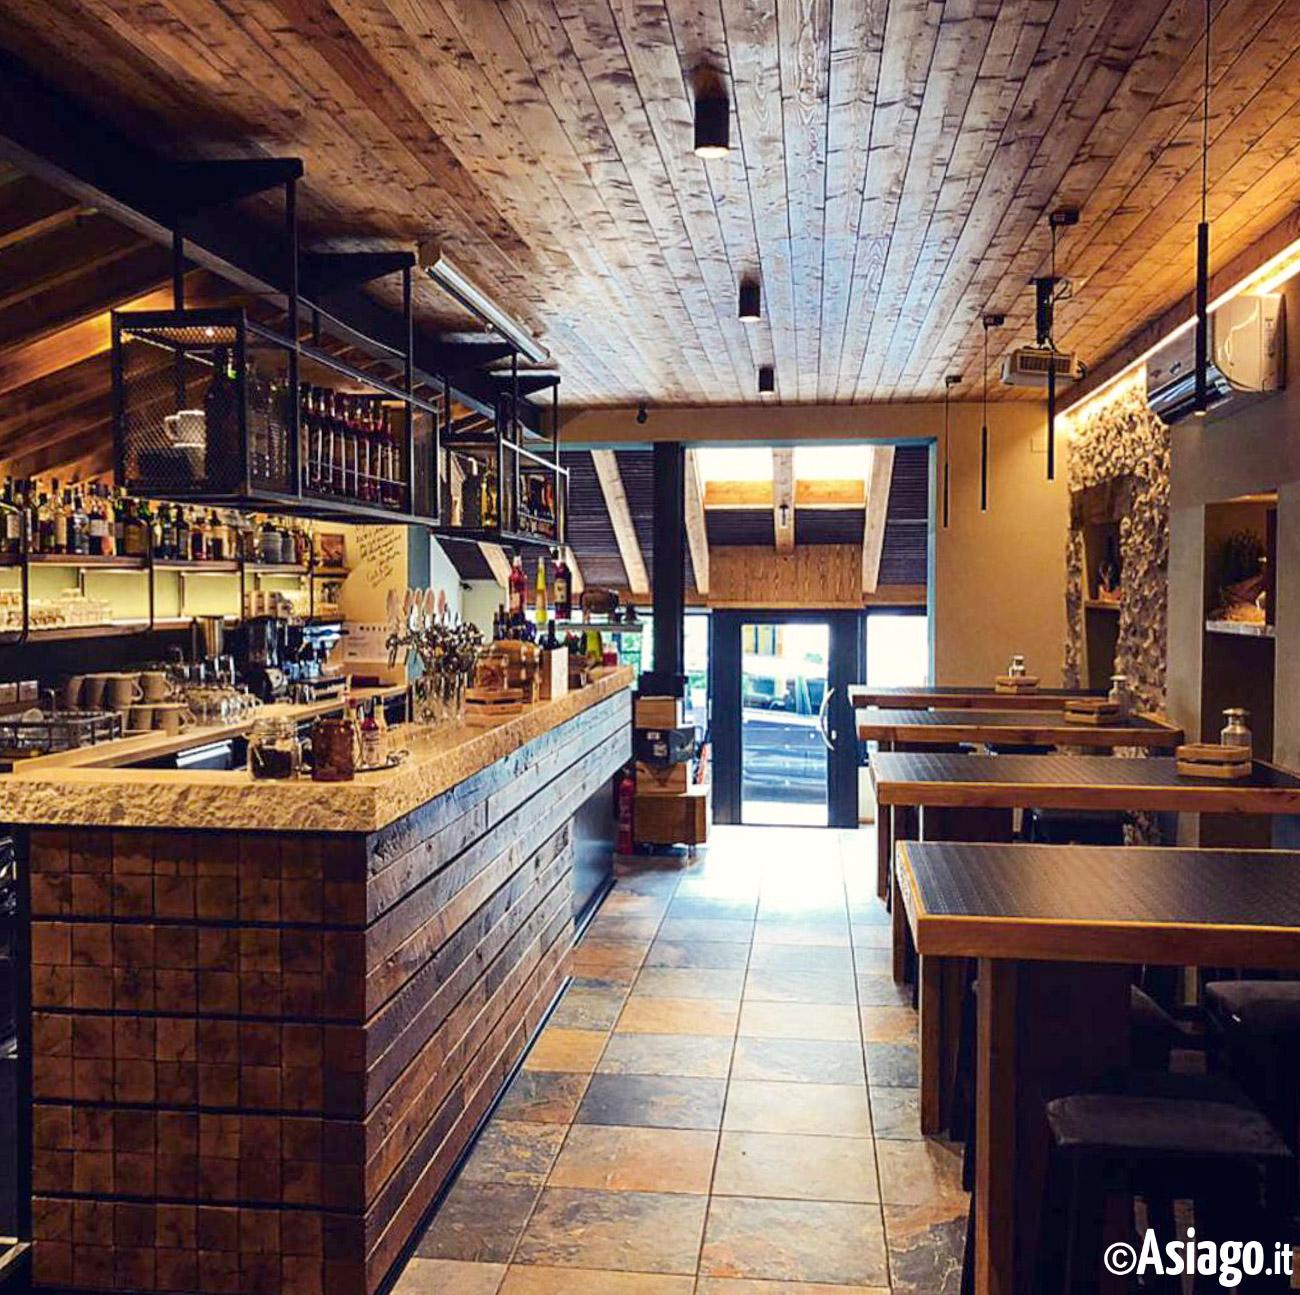 Ristorante Montenapoleone Café Altopiano Di Asiago 7 Comuni